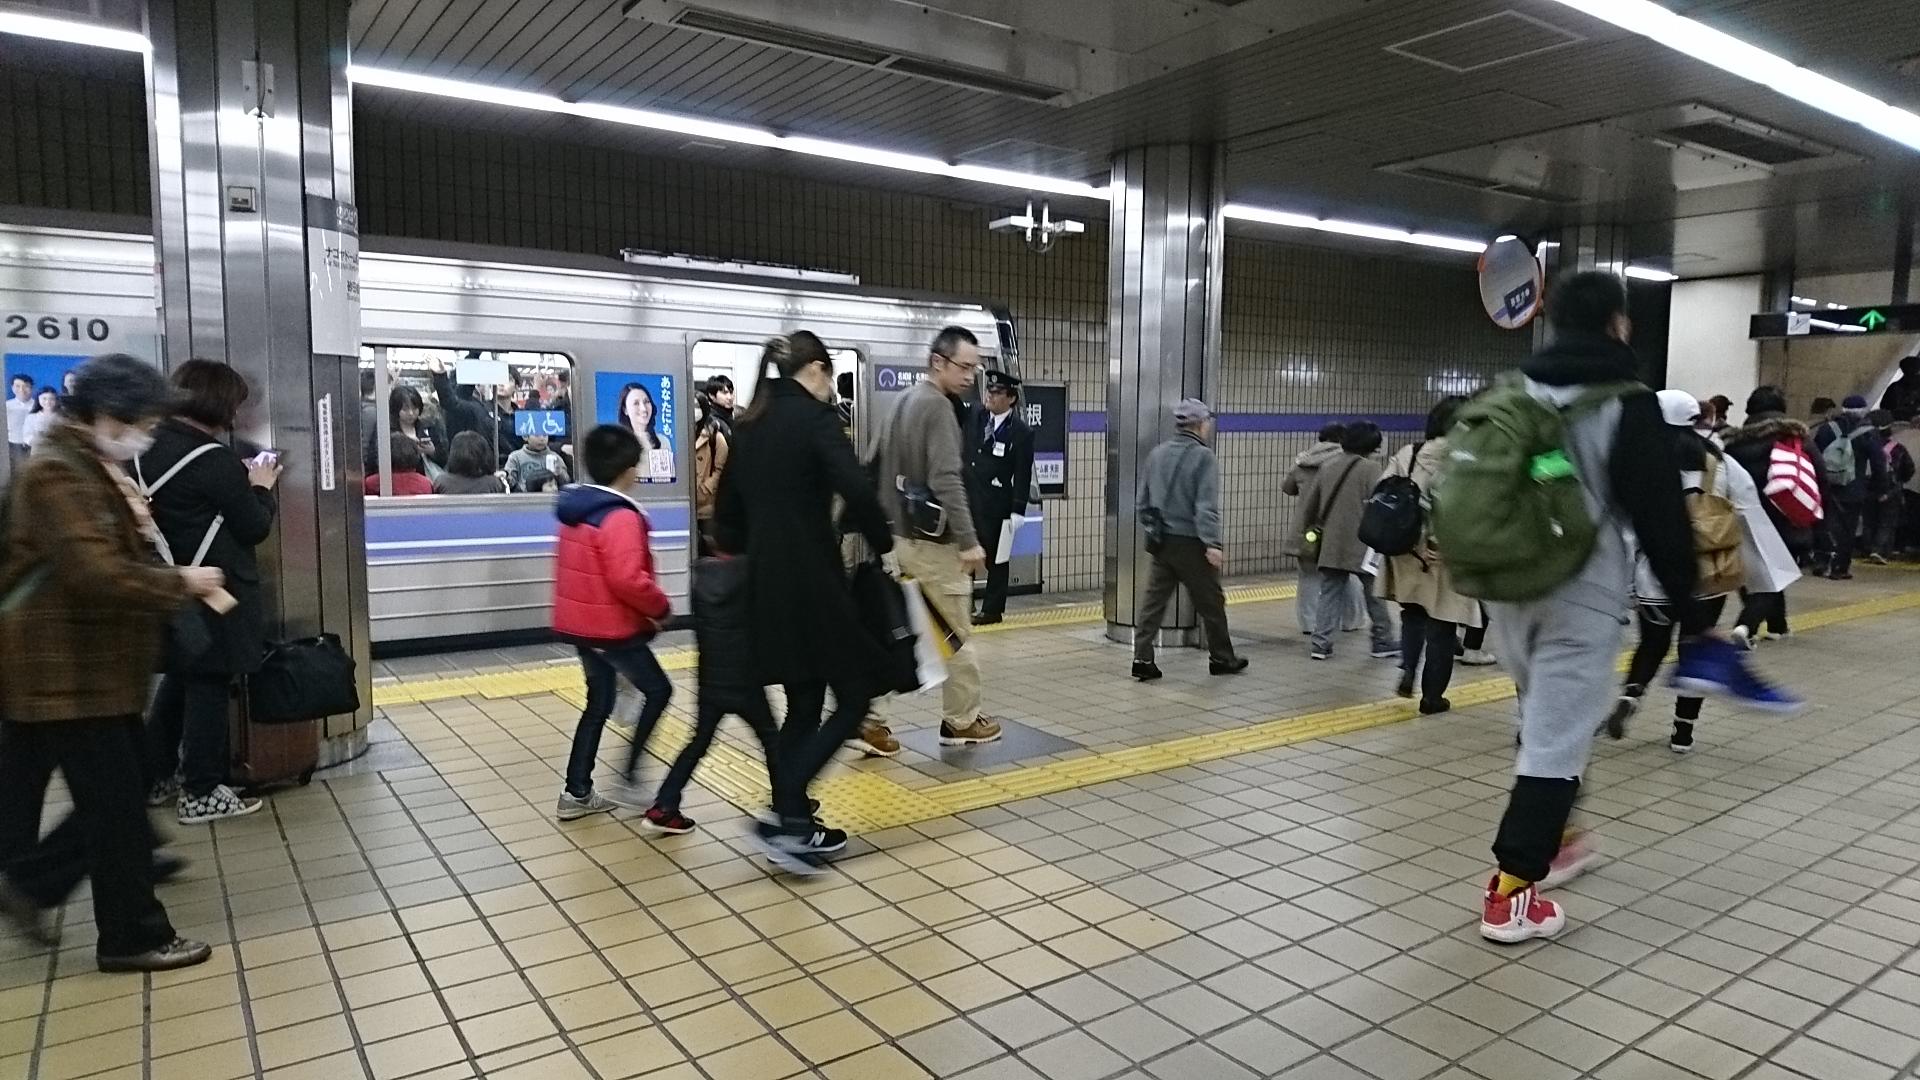 2017.3.12 名古屋 (25) 大曽根 - 名城線みぎまわり 1920-1080